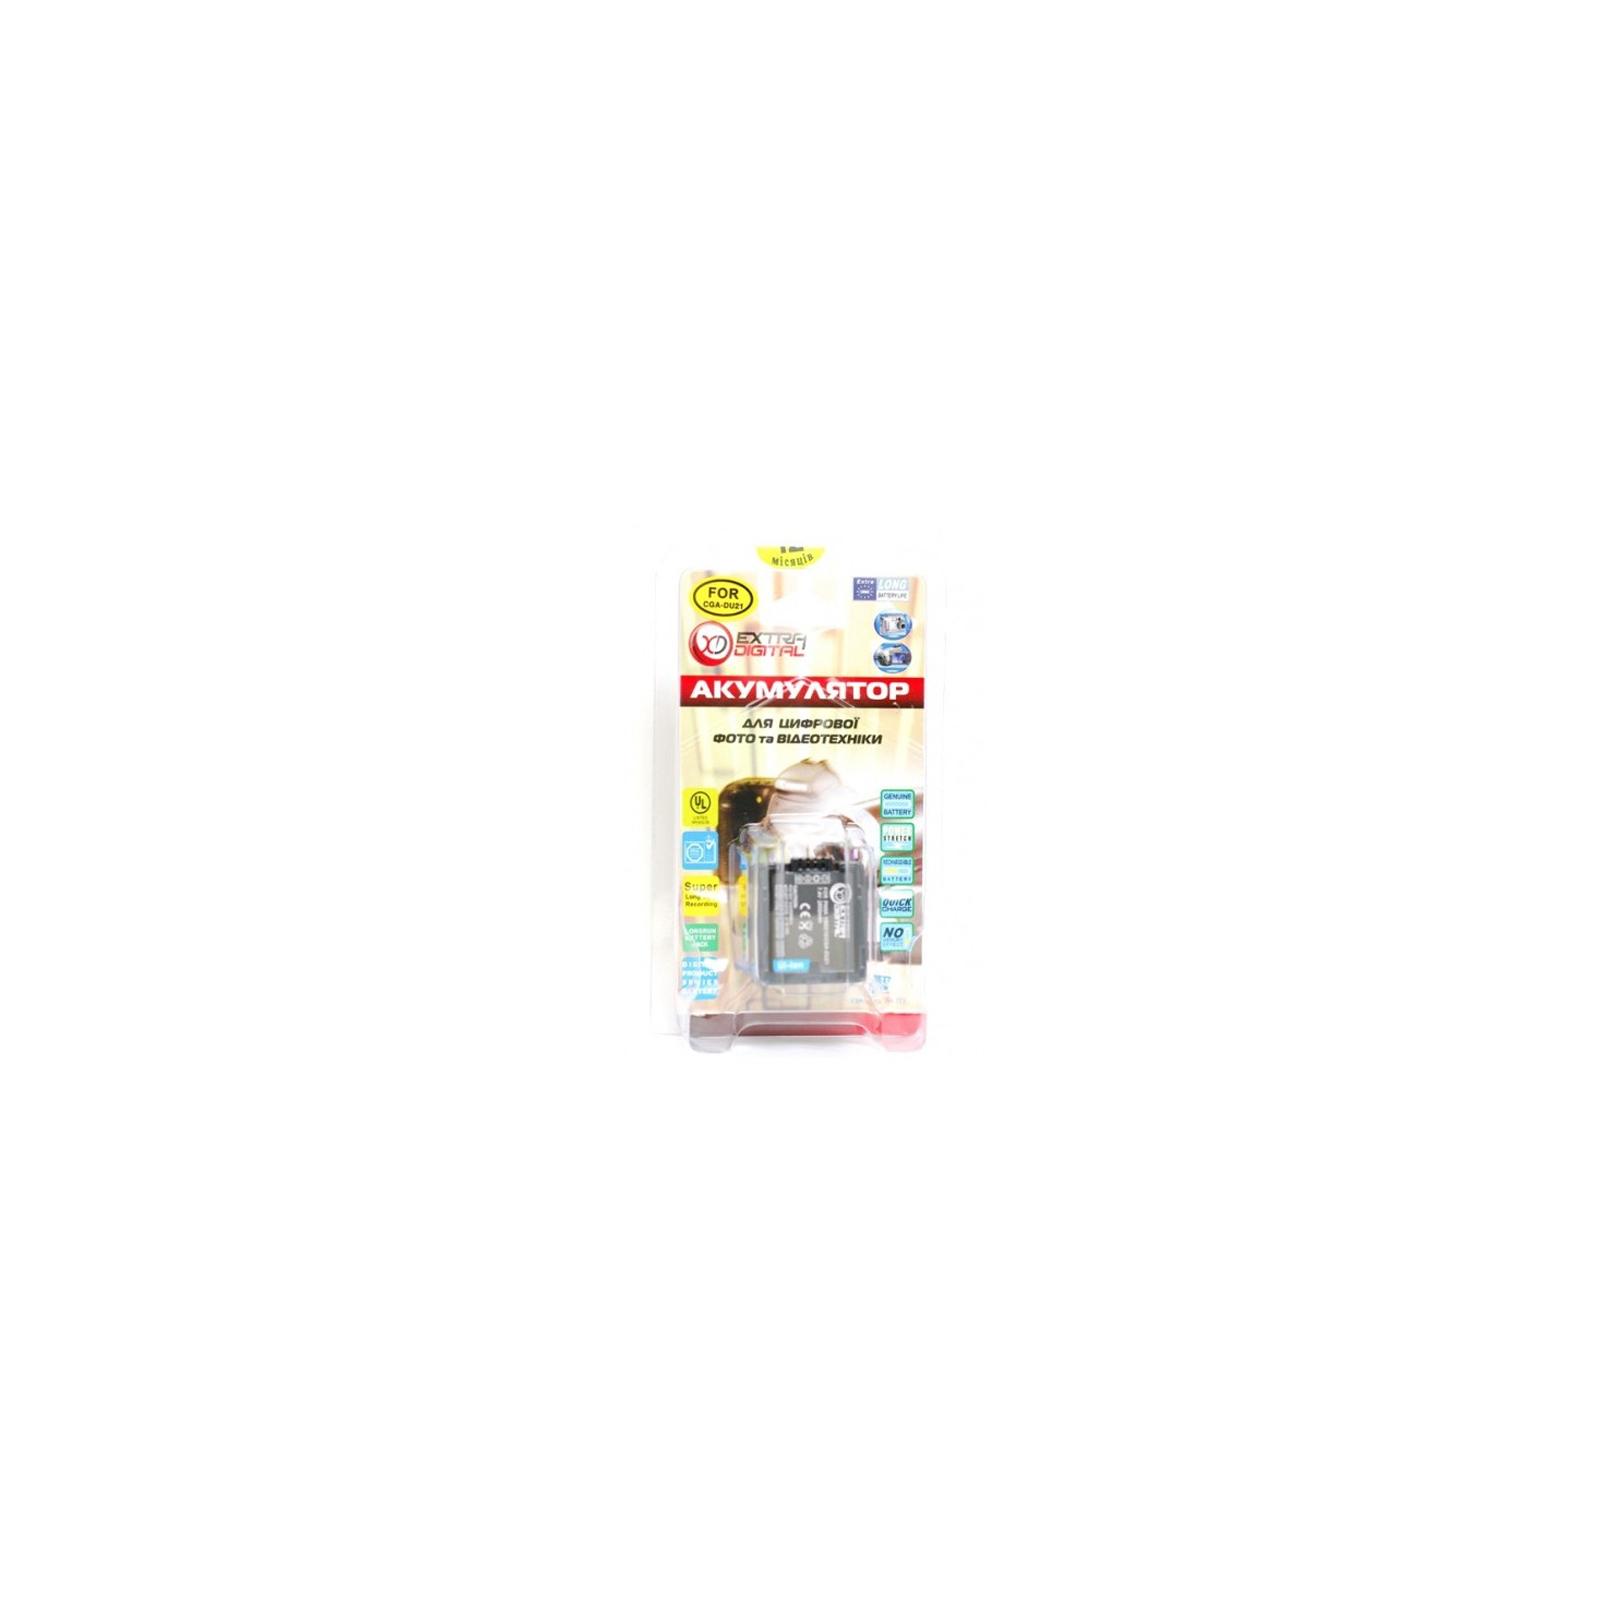 Аккумулятор к фото/видео EXTRADIGITAL Panasonic VBD210, CGA-DU21 (BDP2580) изображение 3